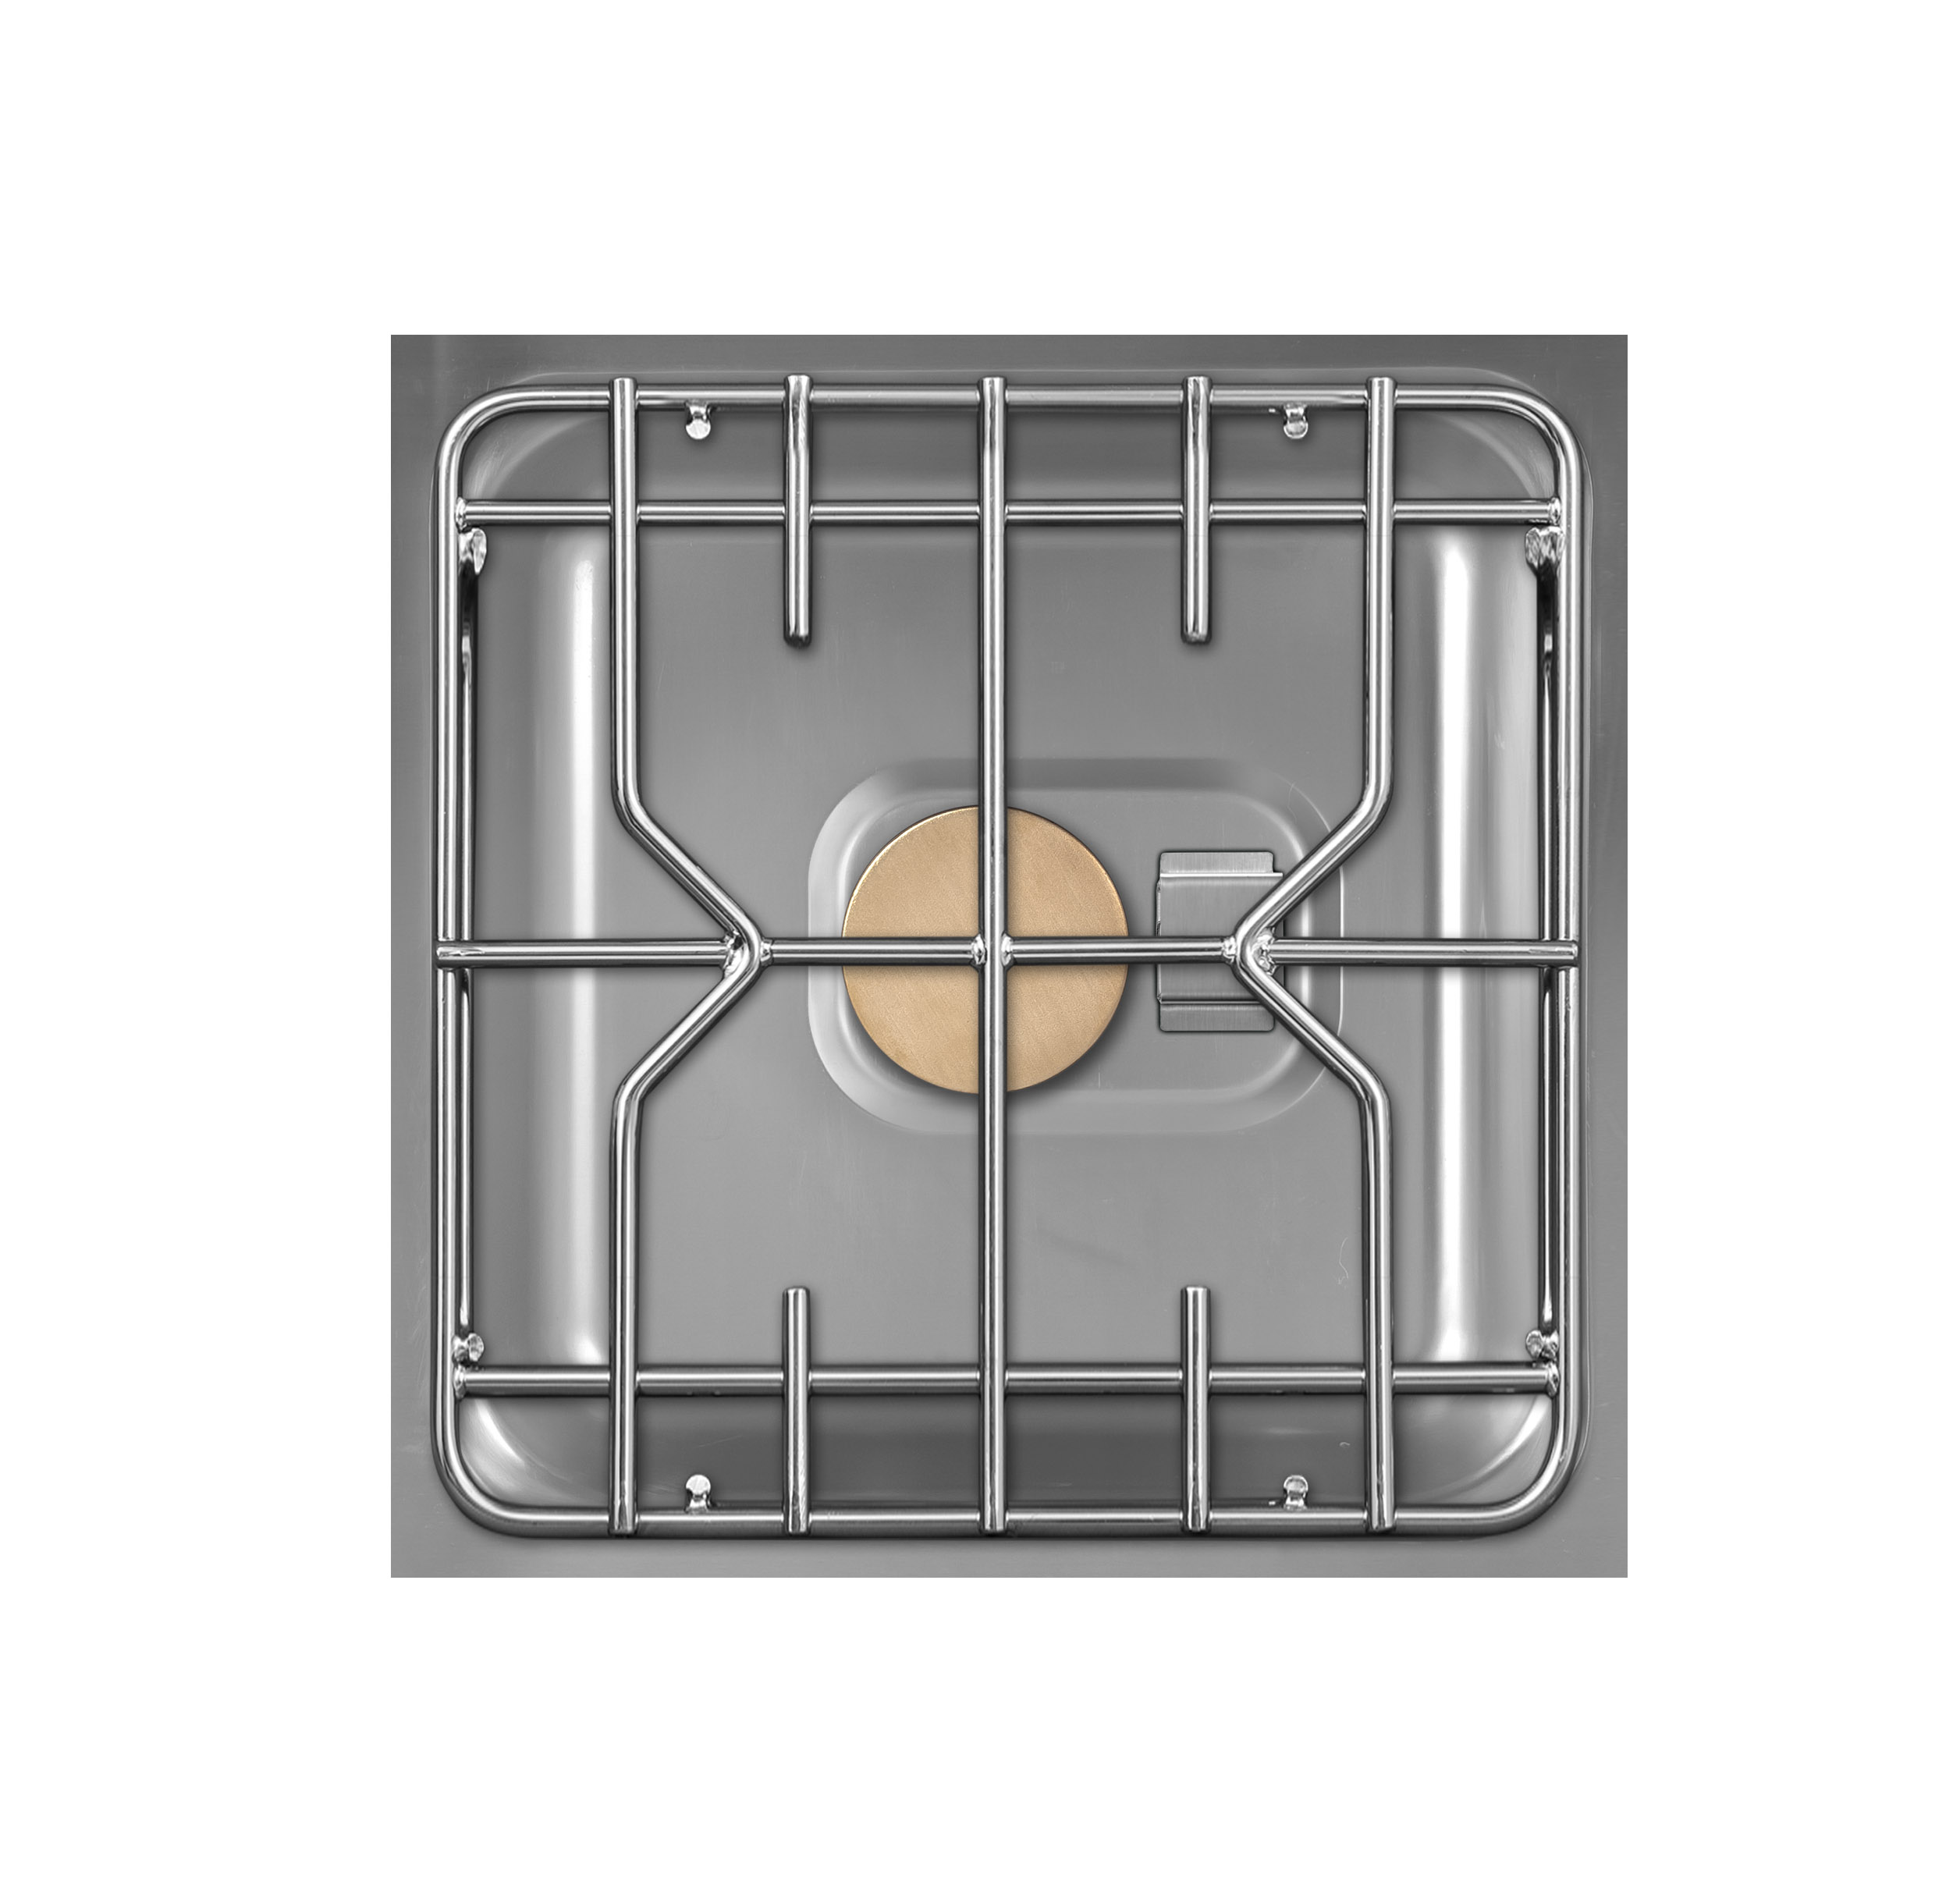 Schon Vorschau: Berner BEG1S40C Einbau Gaskochfeld Für  Gastronomieküchen Sonderbau ...